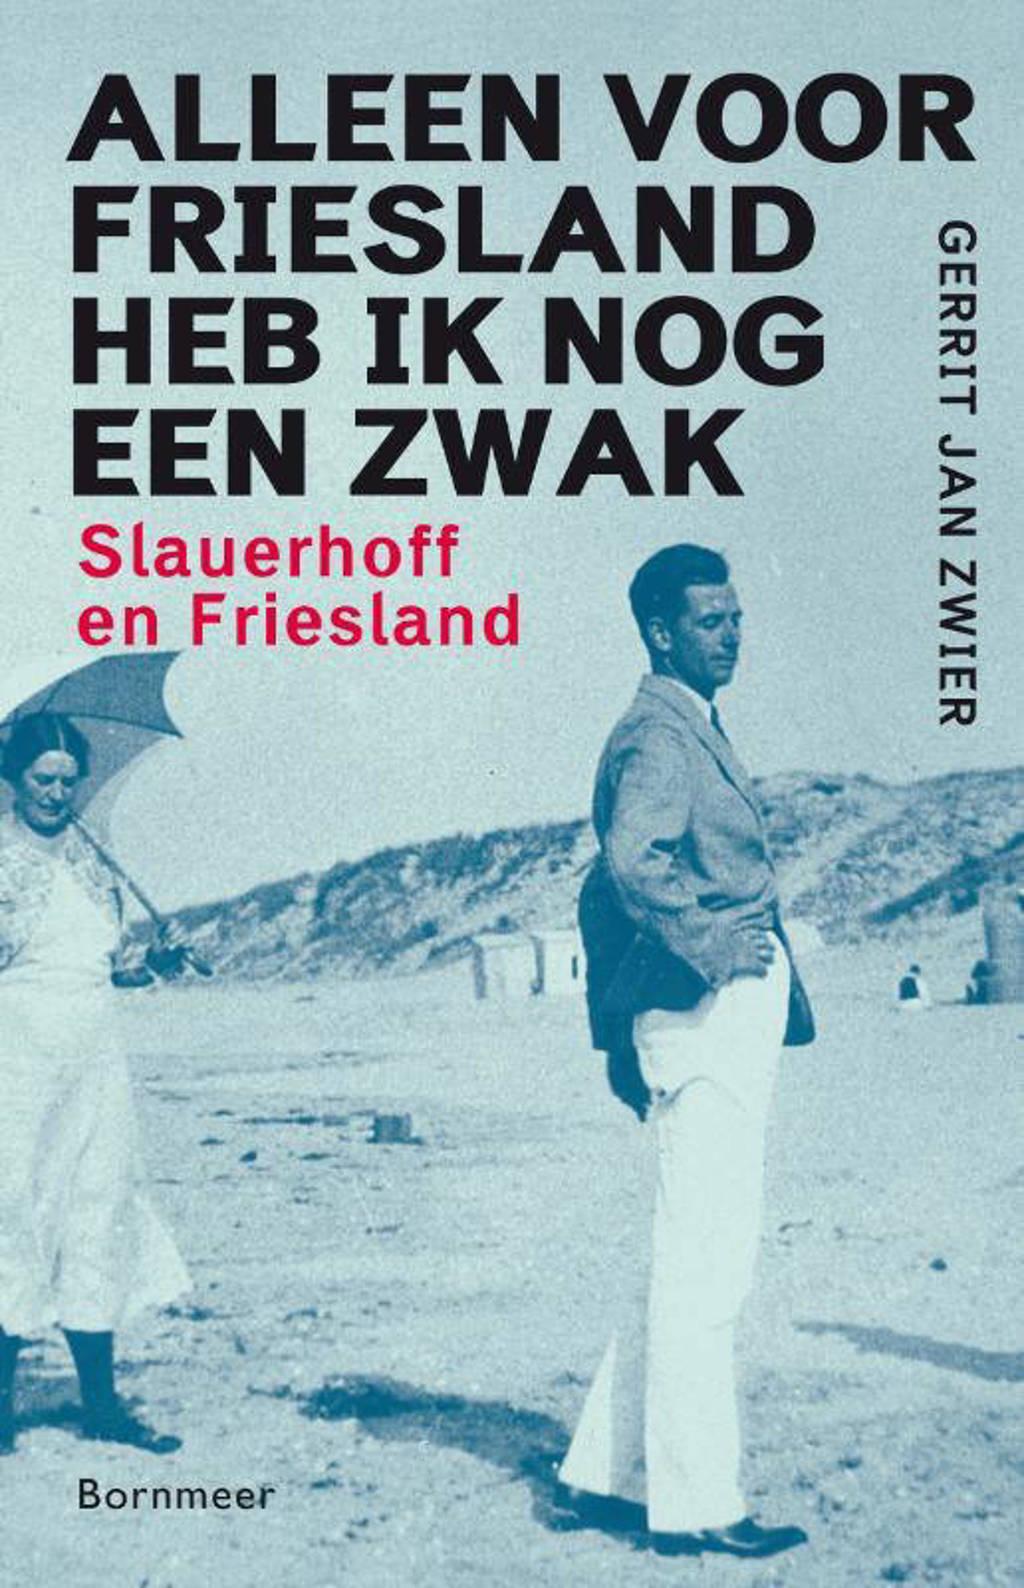 Alleen voor Friesland heb ik nog een zwak - Gerrit Jan Zwier